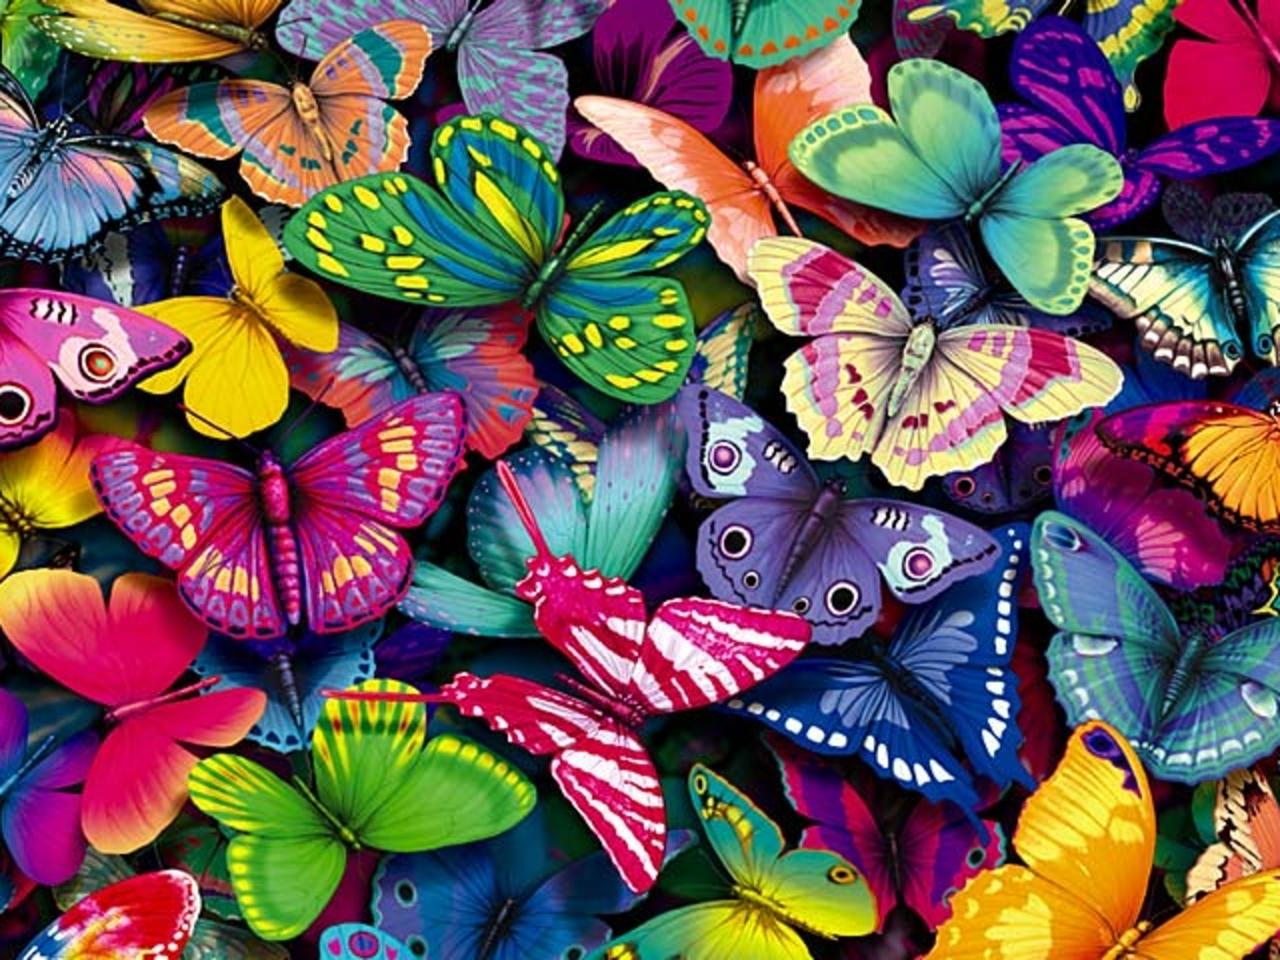 http://www.justcraftyenough.com/wp-content/uploads/2013/10/Butterflies-yorkshire_rose-15990936-1280-960.jpg